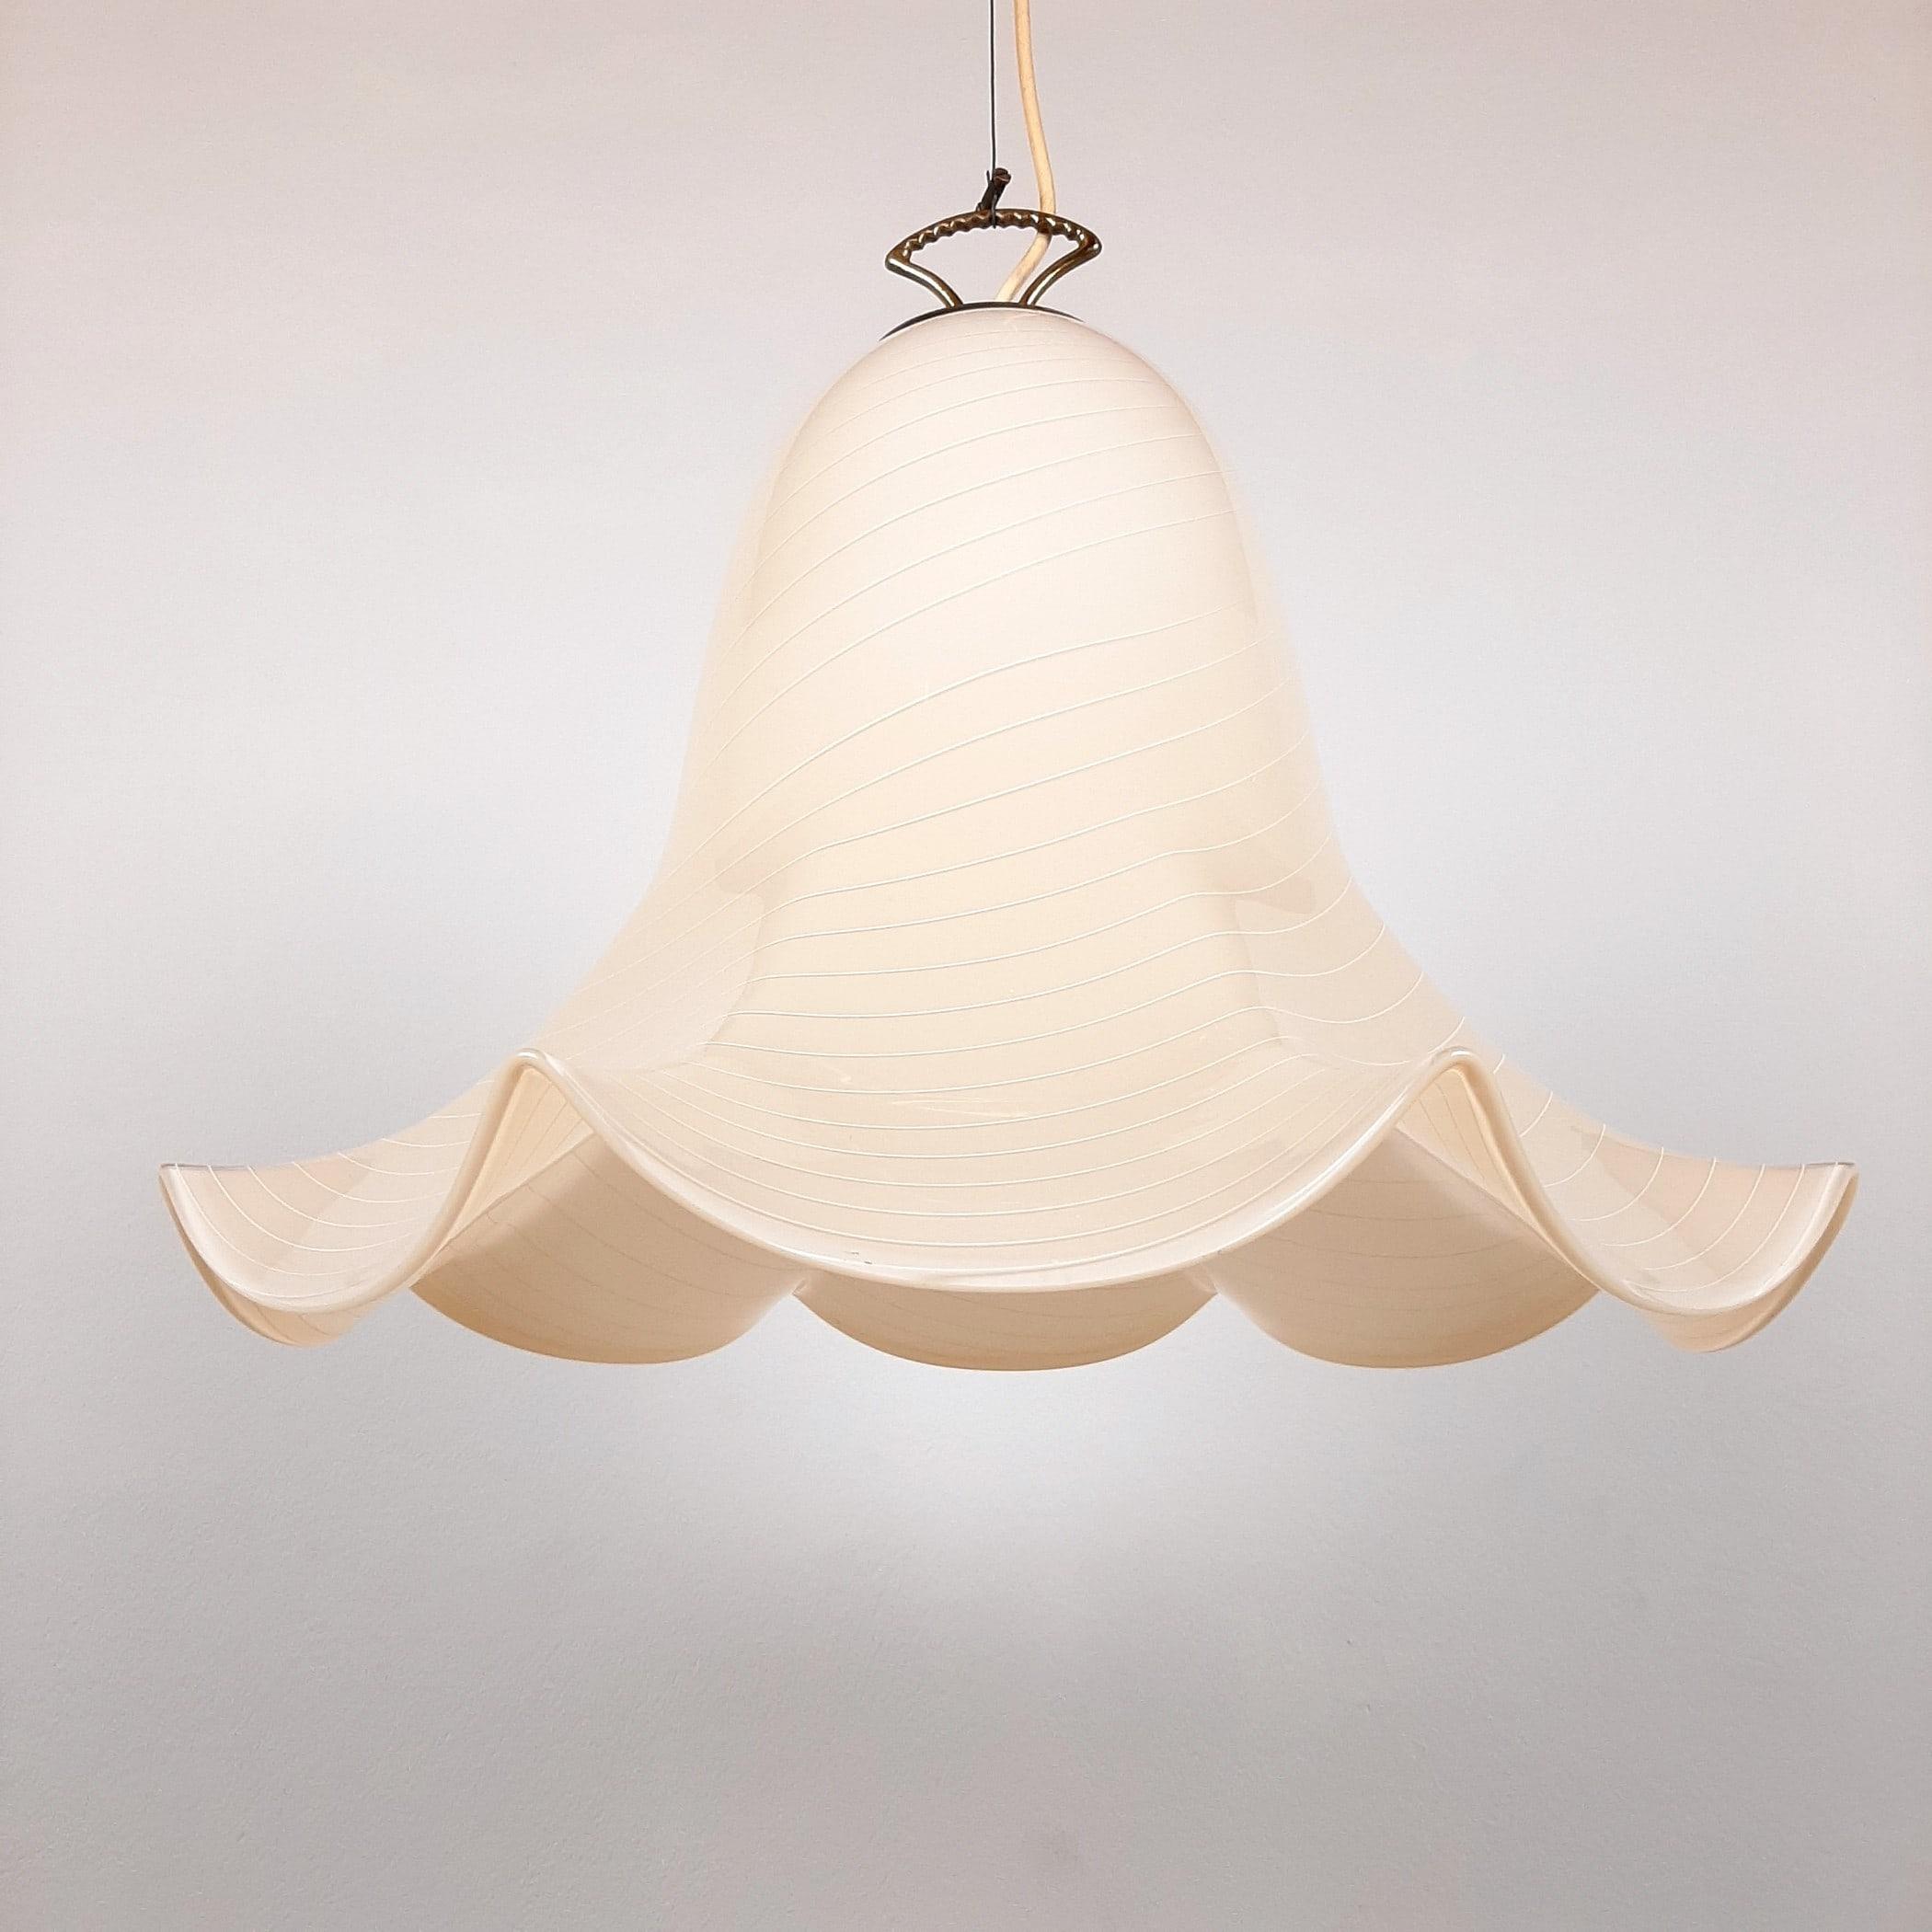 XL Retro murano glass pendant lamp Fazzoletto by J.T. Kalmar Austria 1960s Mid-century home decor